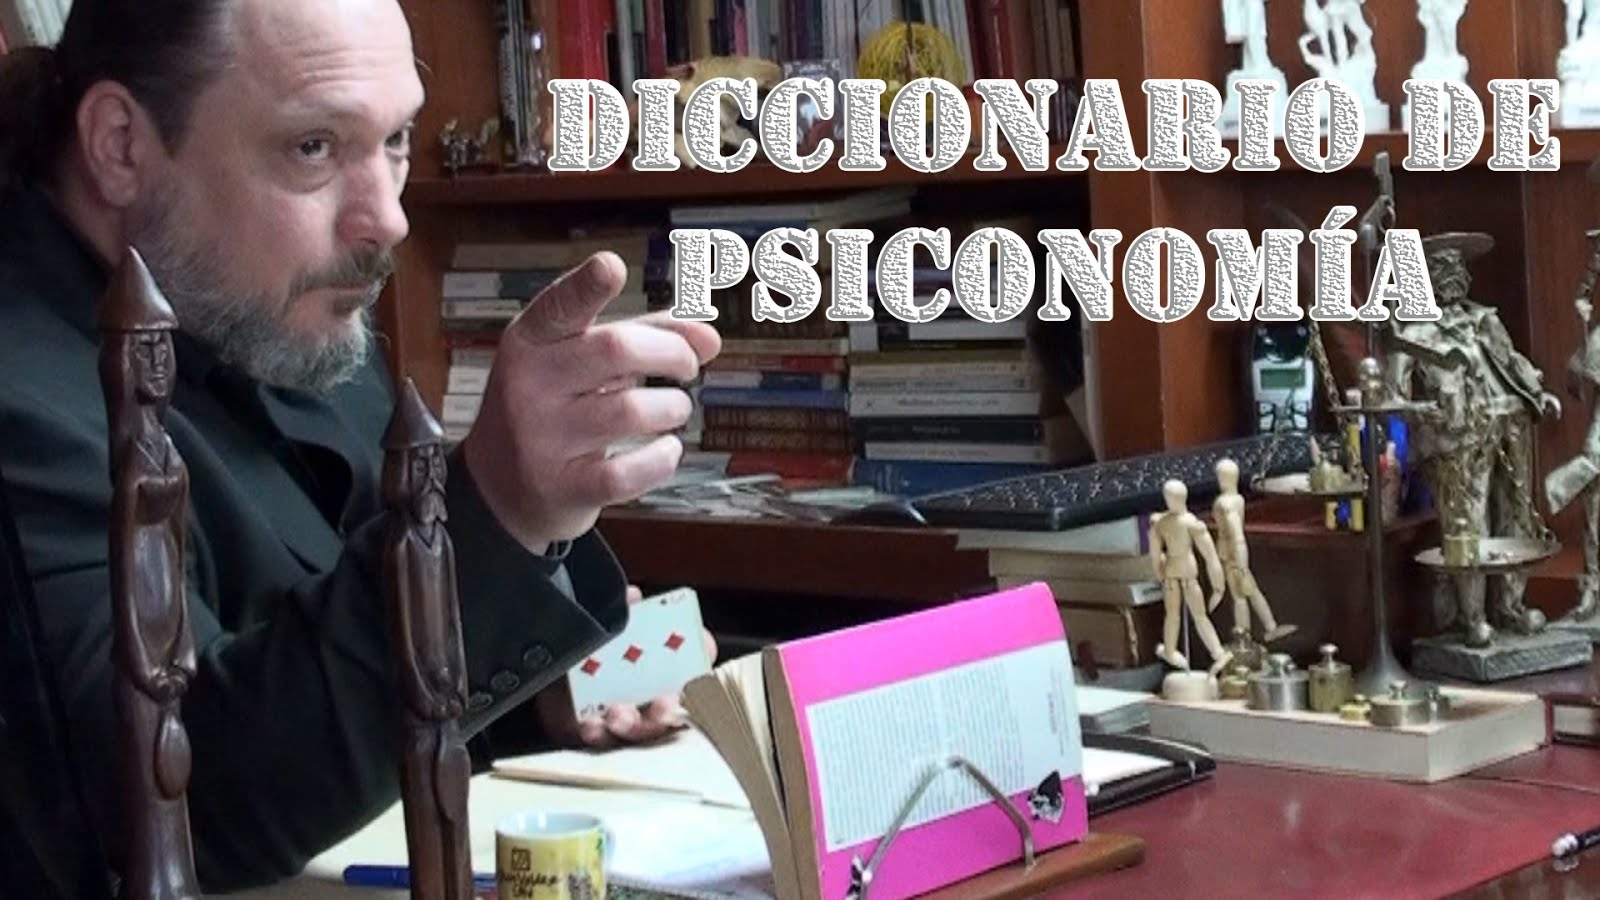 DICCIONARIO FATTORELLO